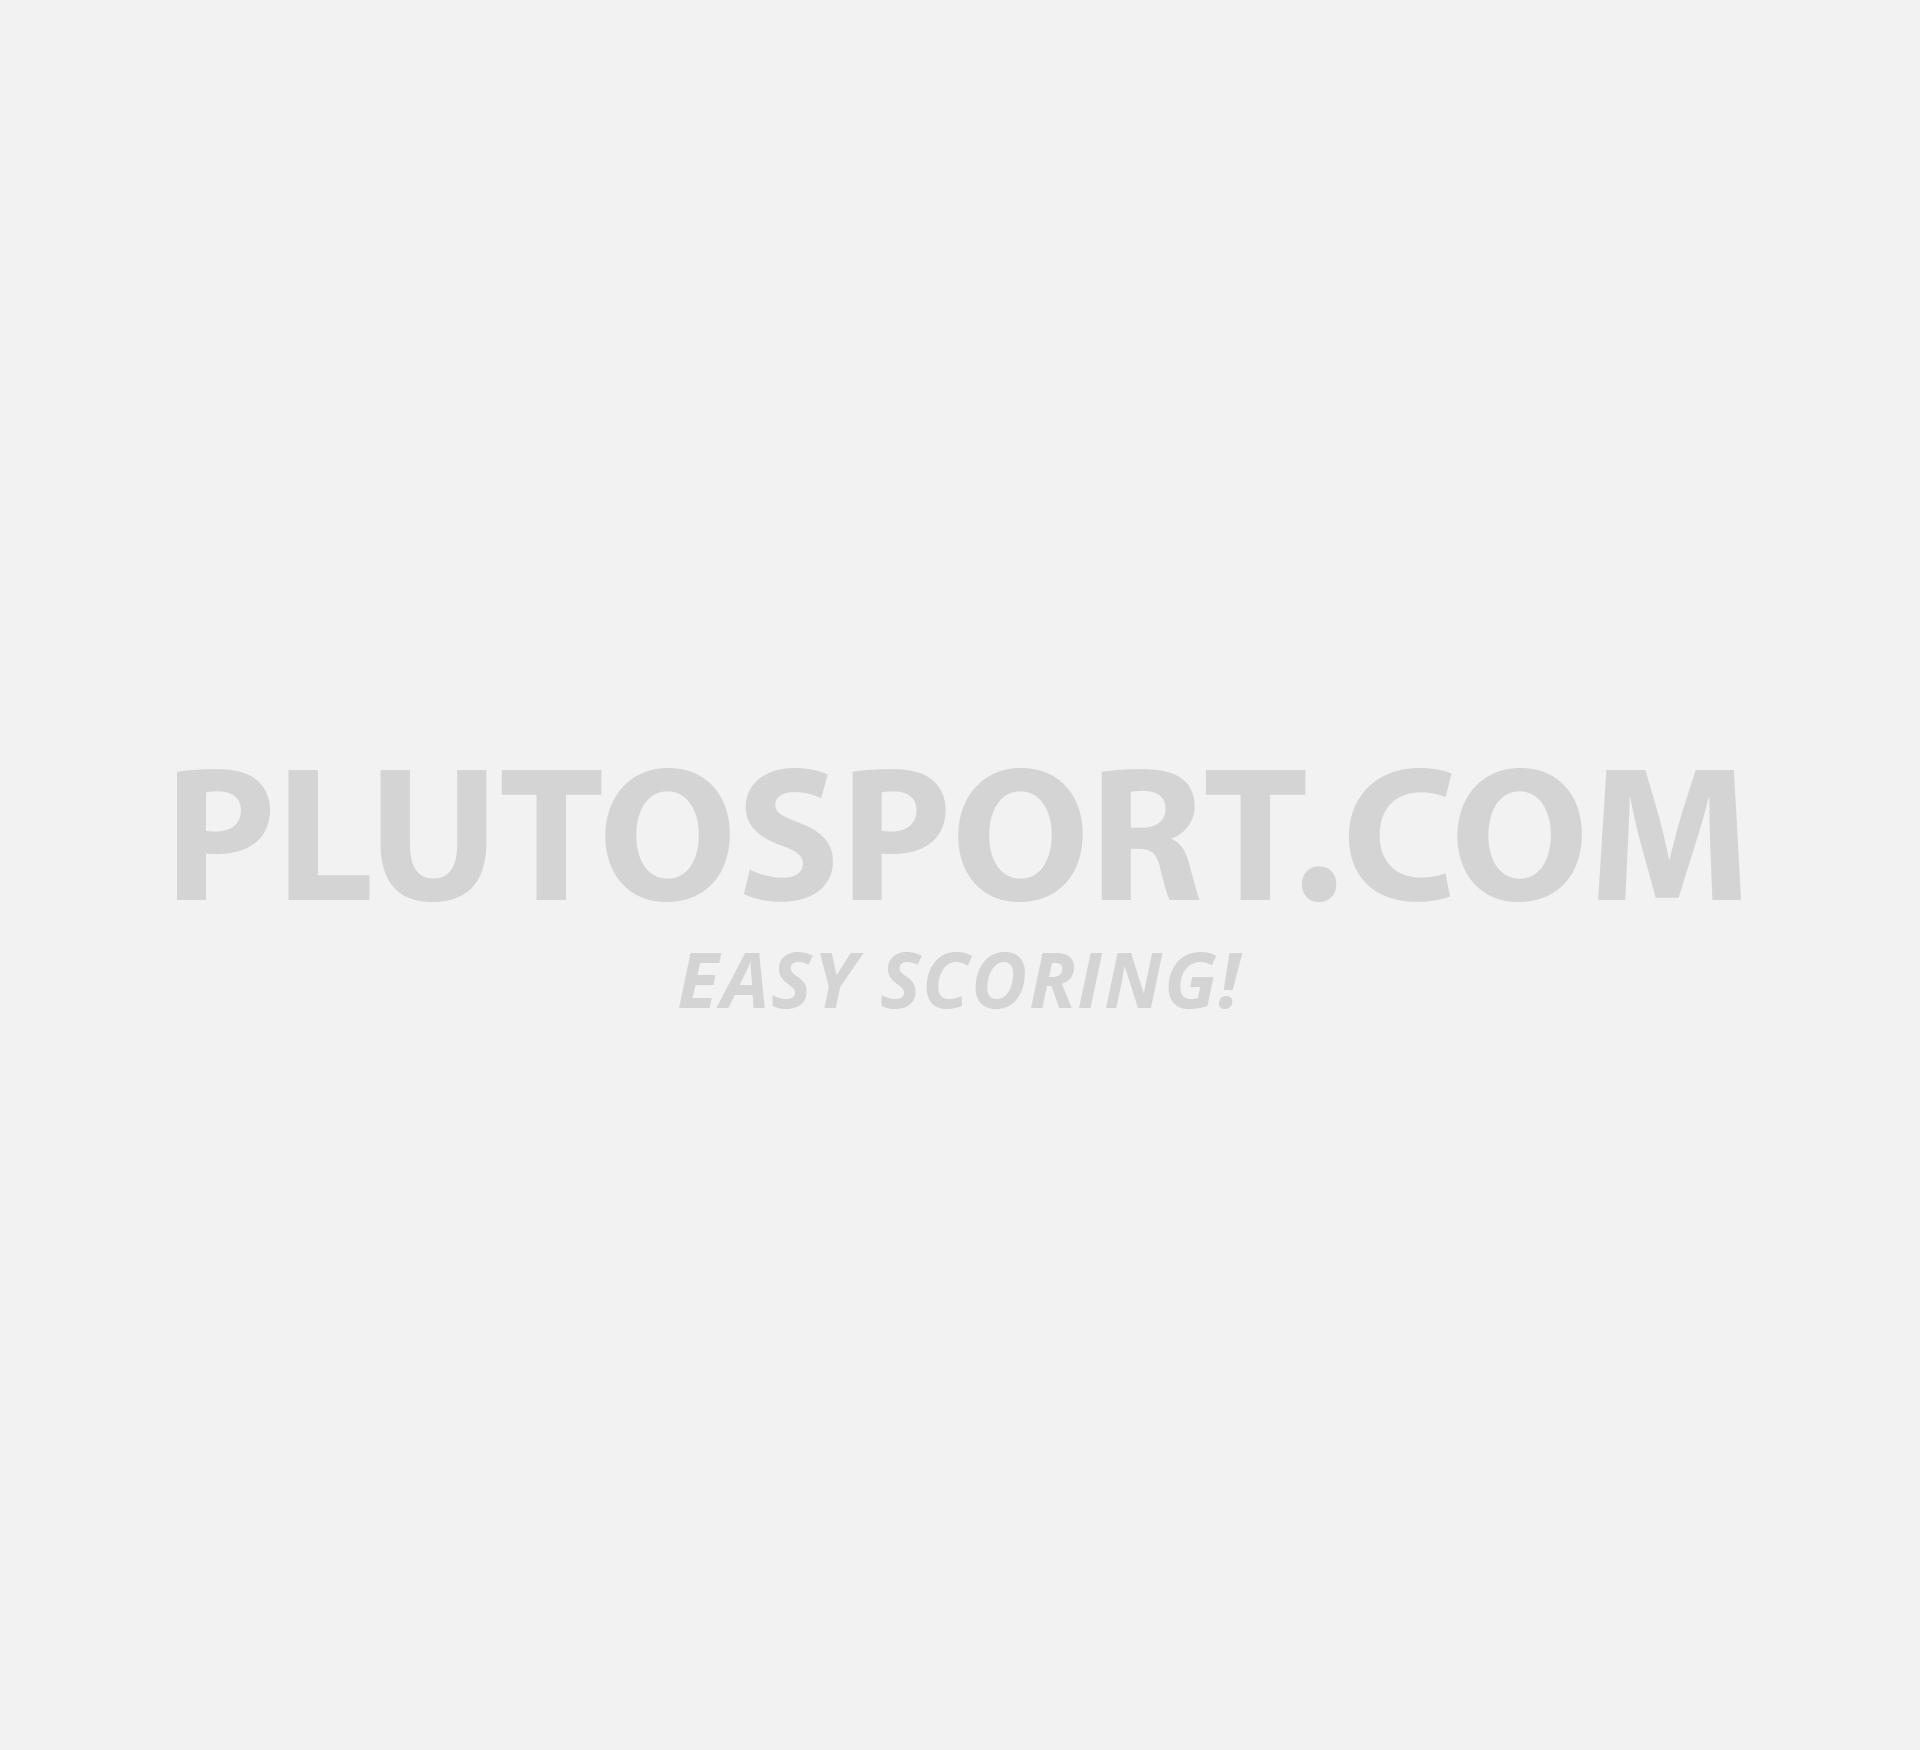 ePuffer Review - Best E Cig UK, Best Vape UK - E Cigs UK